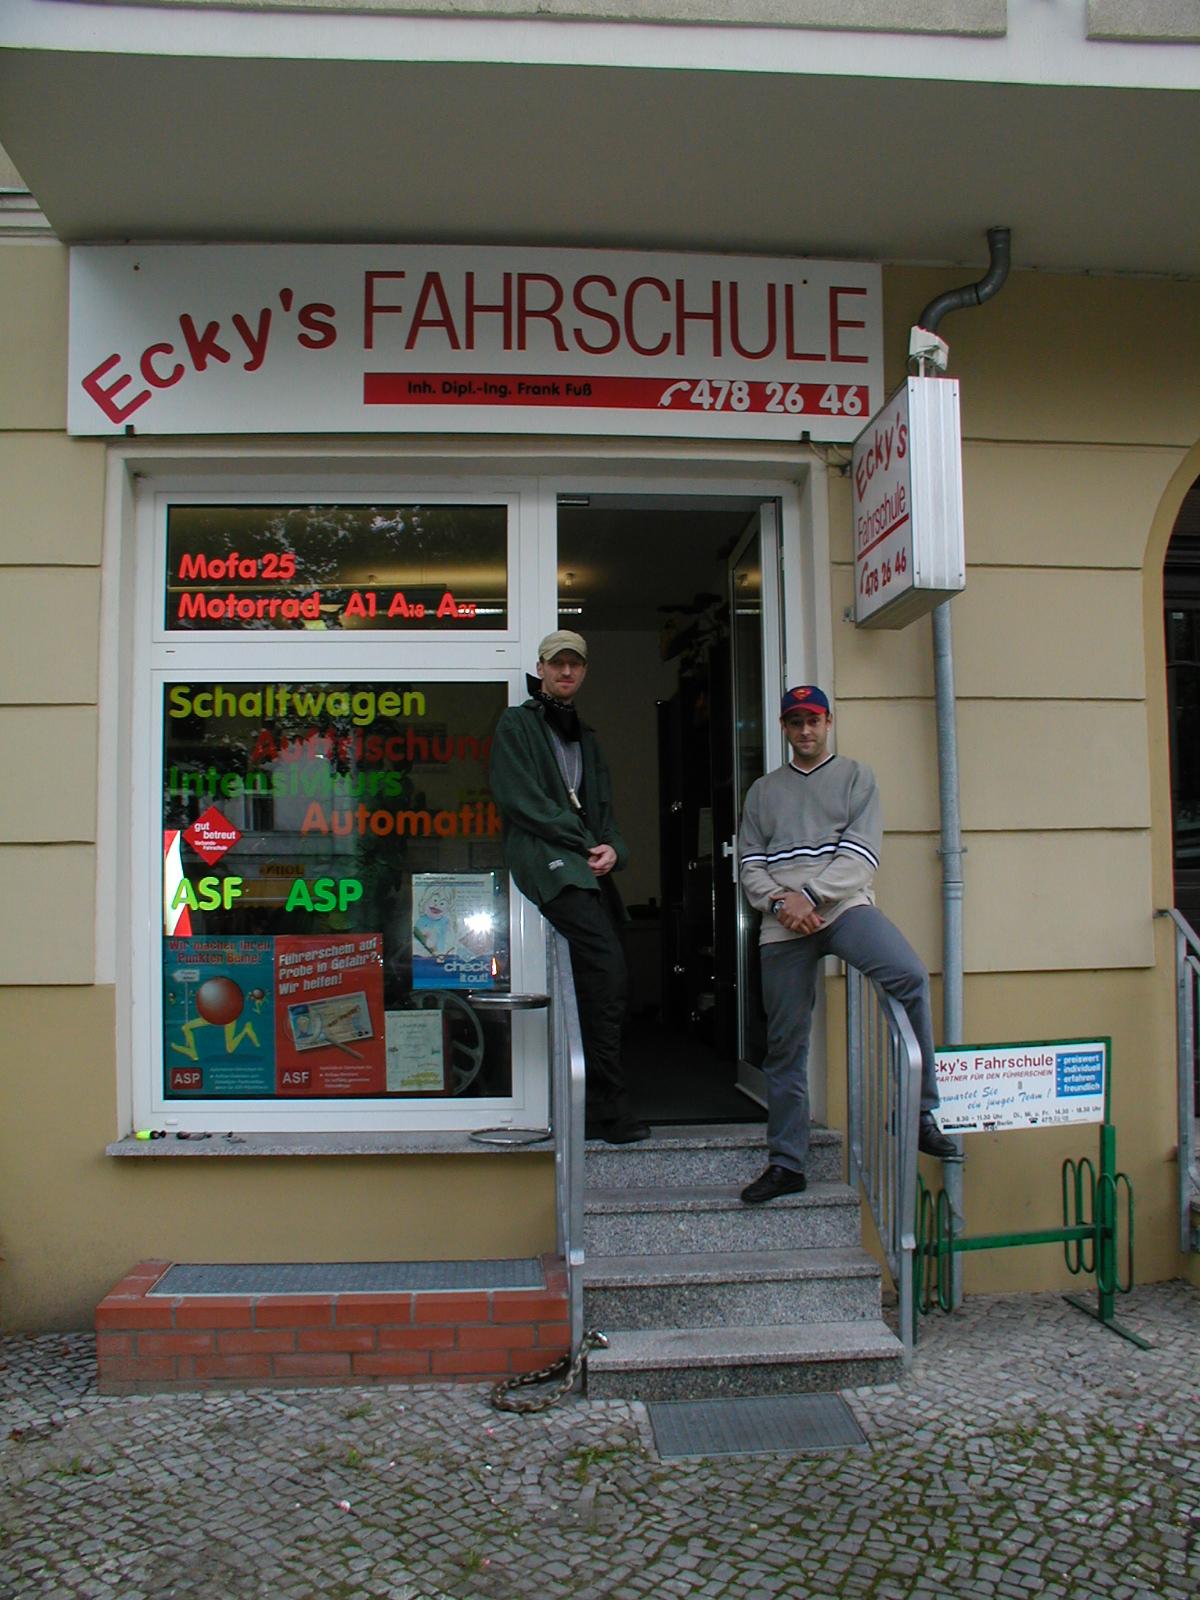 Ecky's Fahrschule U.G.(haftungsbeschränkt)